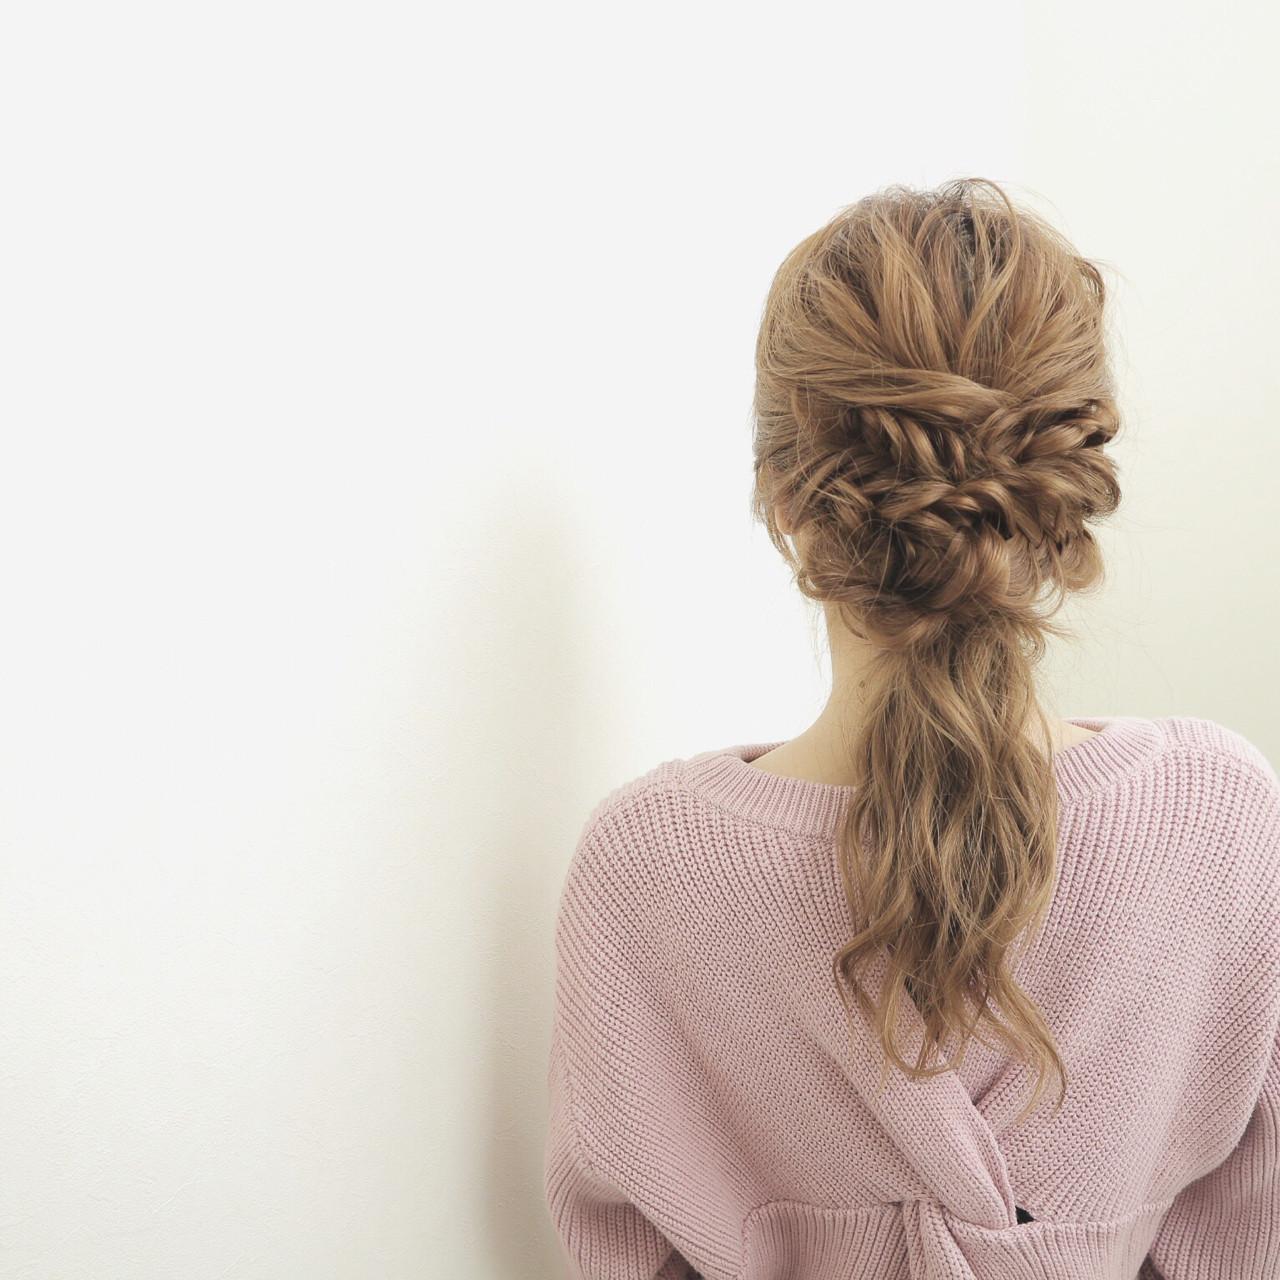 大人女子 ヘアアレンジ セミロング フィッシュボーン ヘアスタイルや髪型の写真・画像